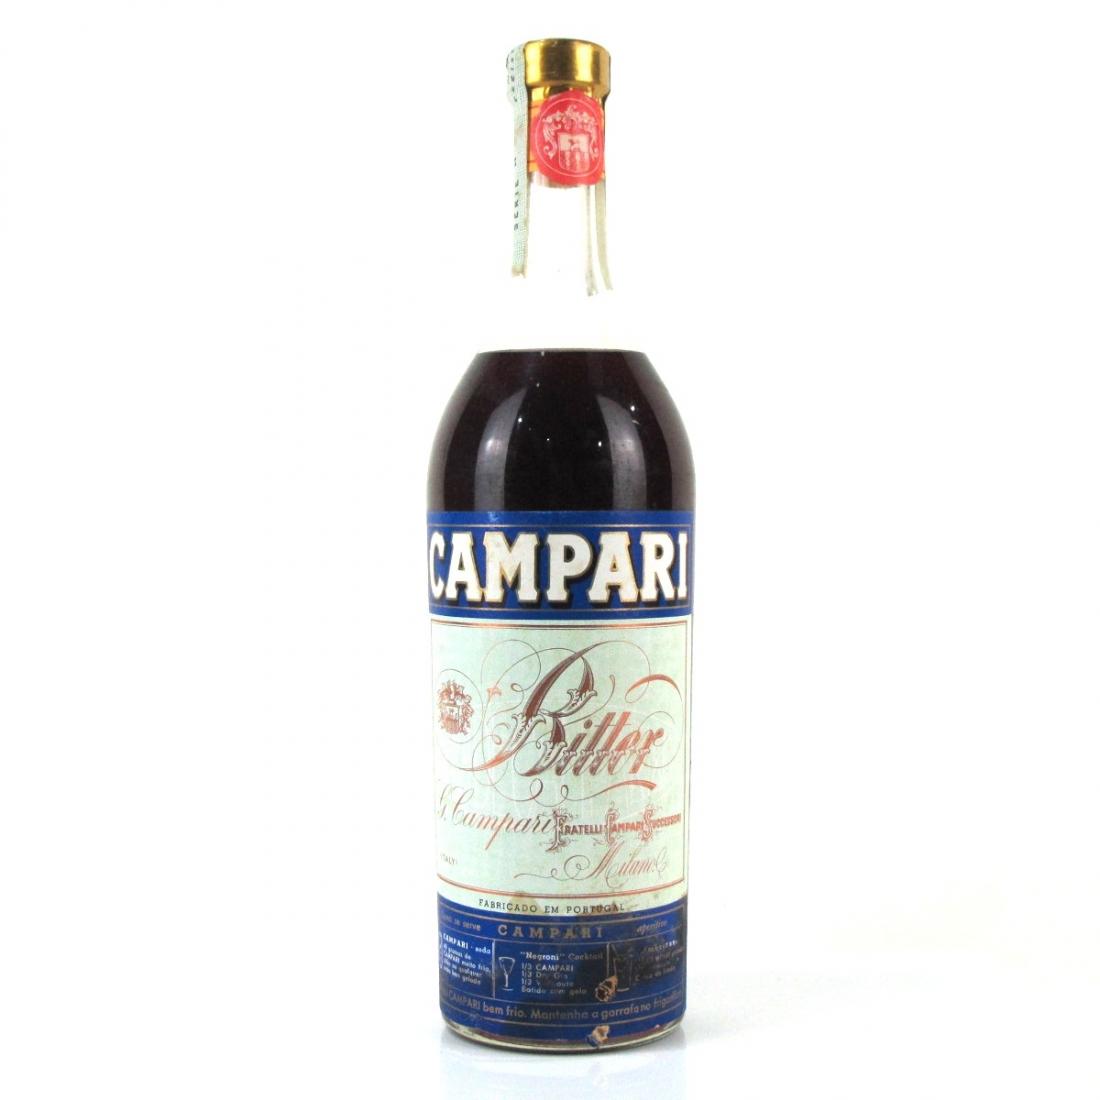 Campari Bitter 1950s